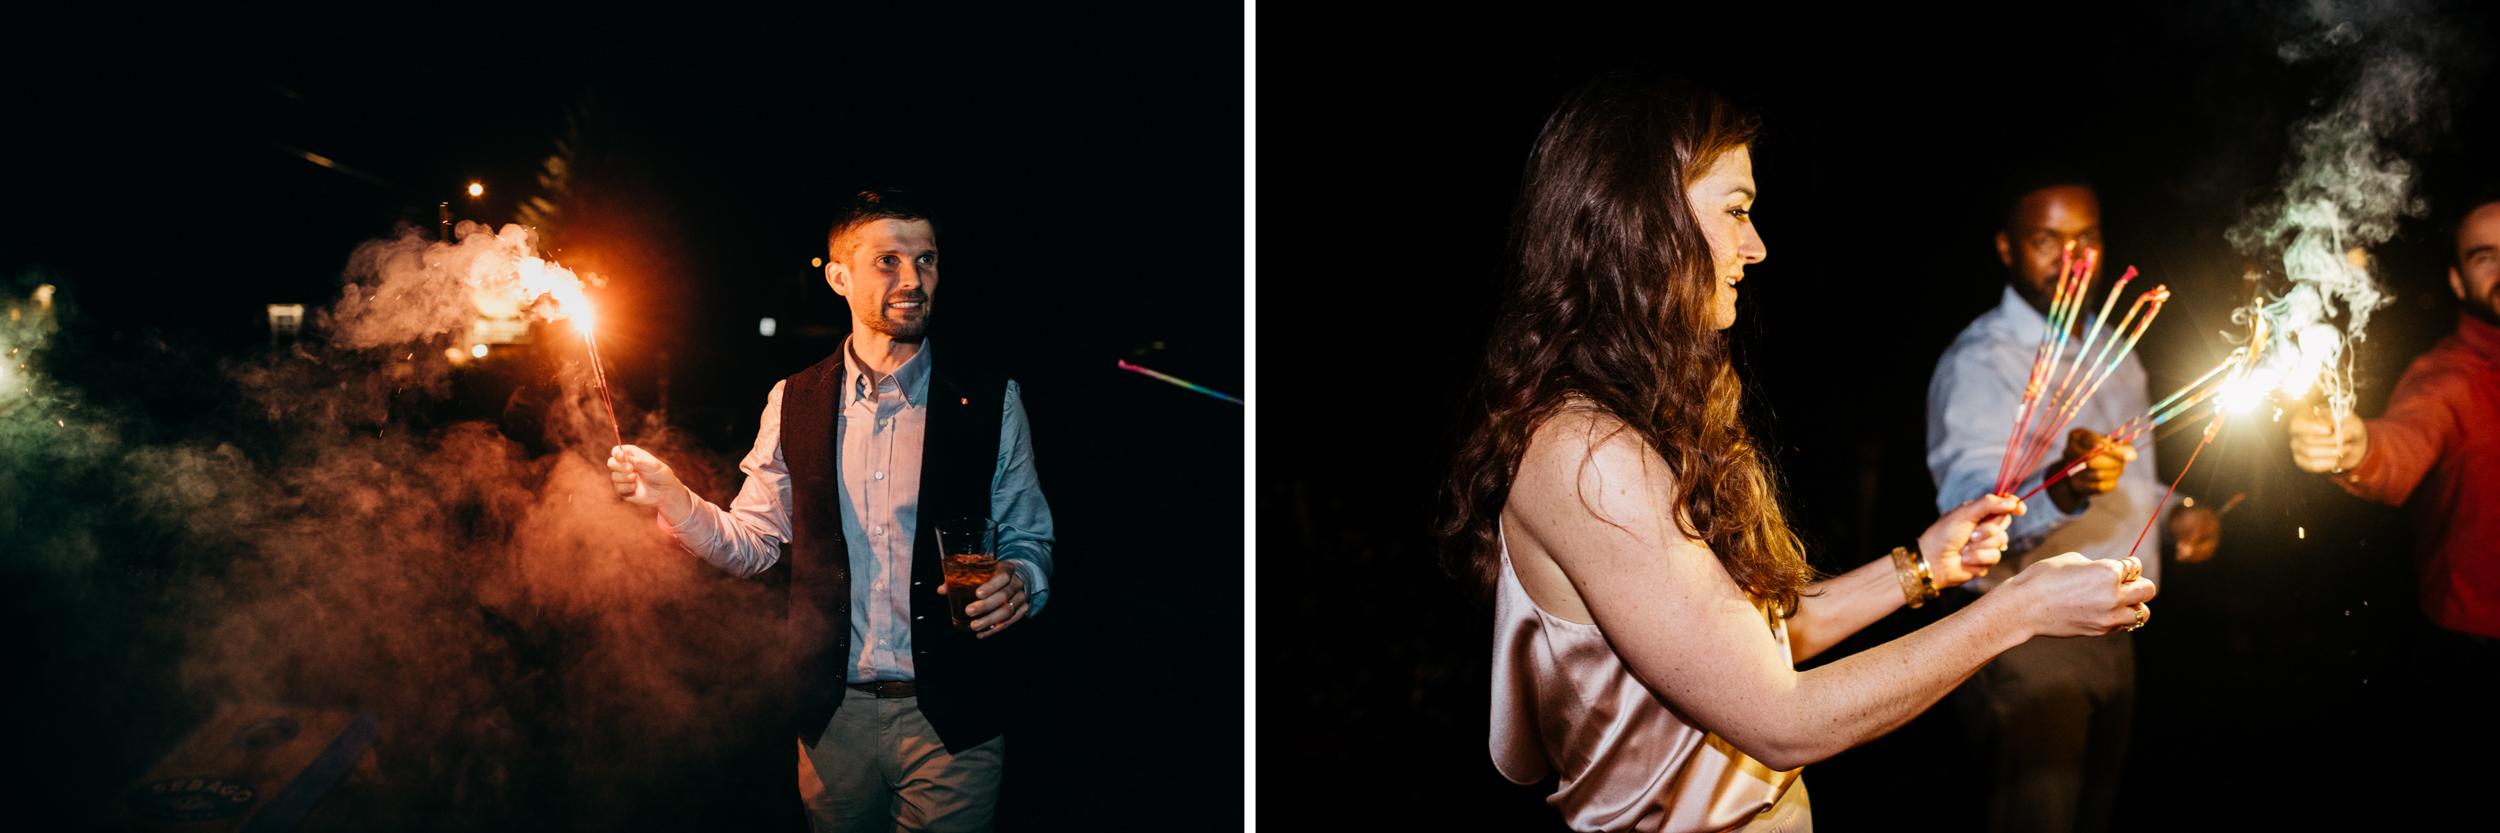 Mackenzie_Collins_Day_Two_Flatbread_Company_rockport_Maine_wedding_020.jpg